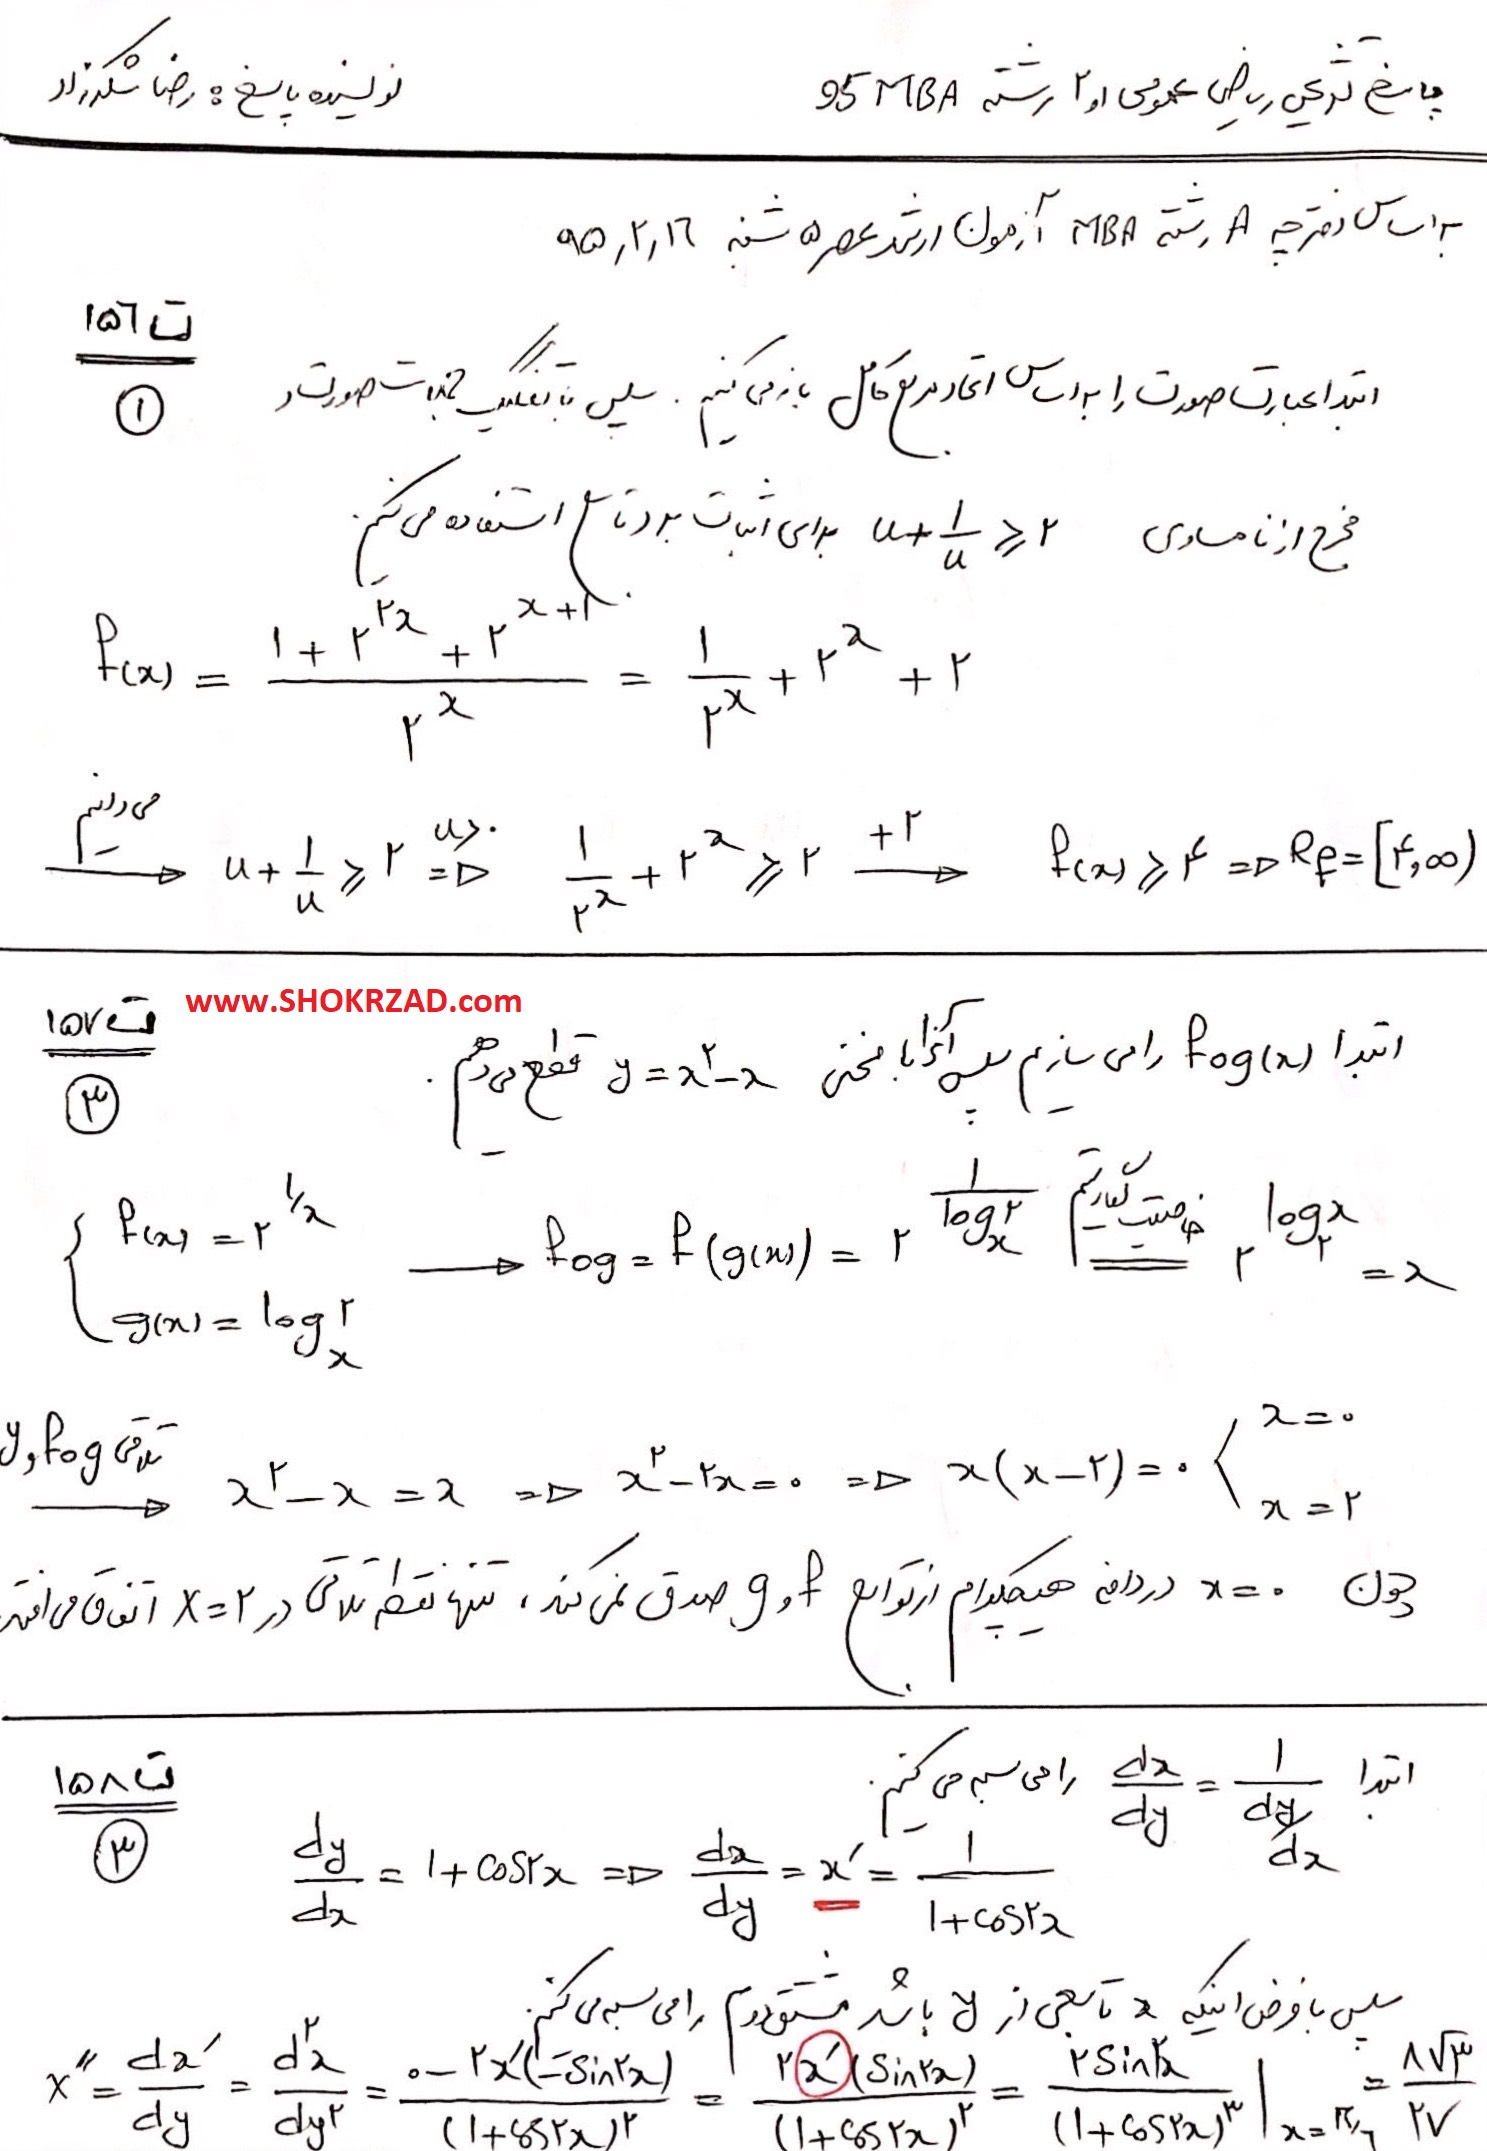 پاسخنامه تشریحی ریاضی عمومی1و2 رشته MBA 95